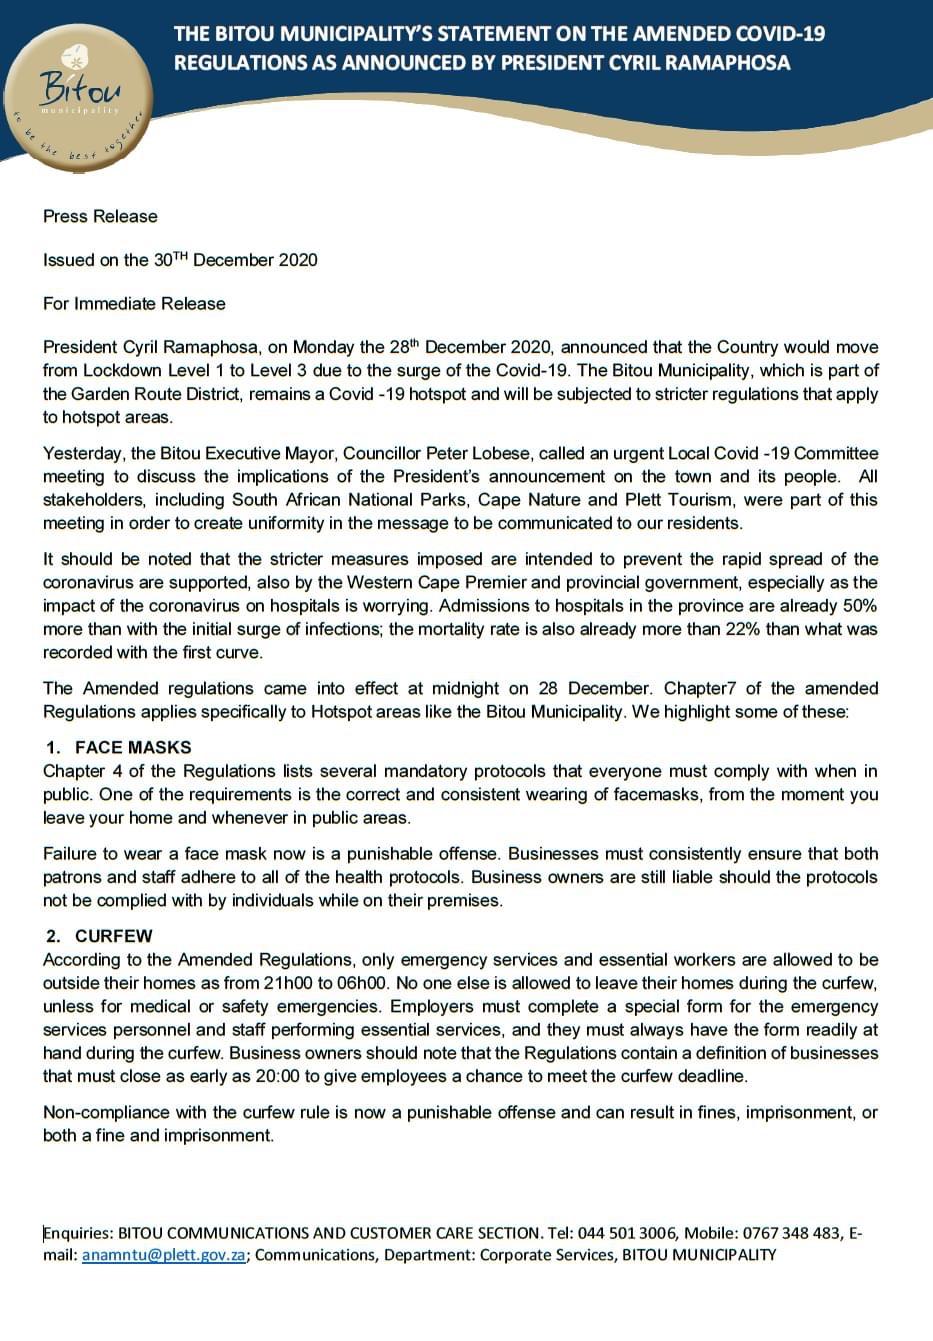 Bitou Municipality's statement on amended Covid-19 regulations